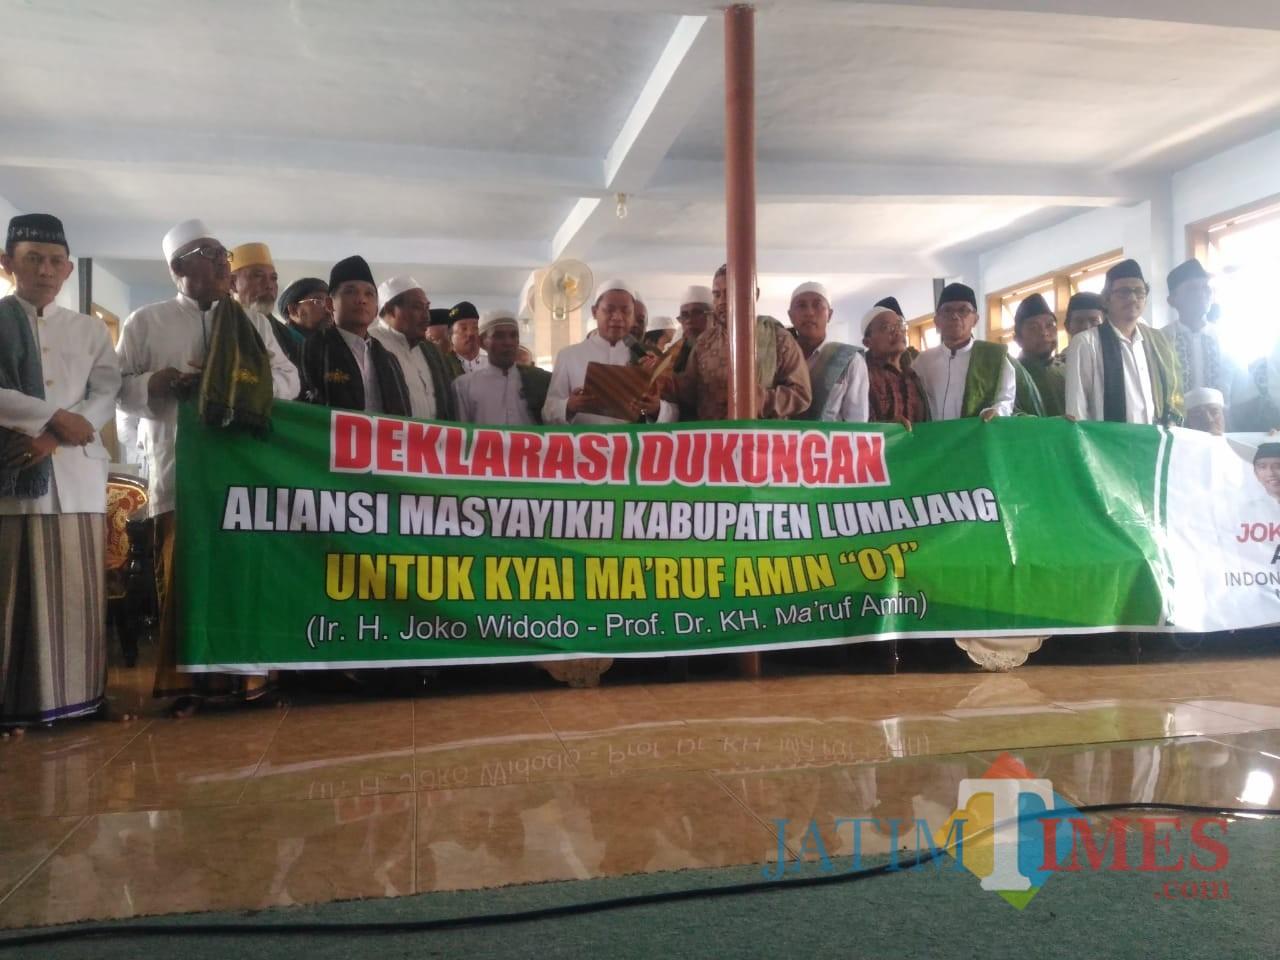 Para Masyayikh ketika membacakan deklarasi dukungan kepada Pasangan Jokowi KH. Makruf Amin (Foto : Moch. R. Abdul Fatah / Jatim TIMES)